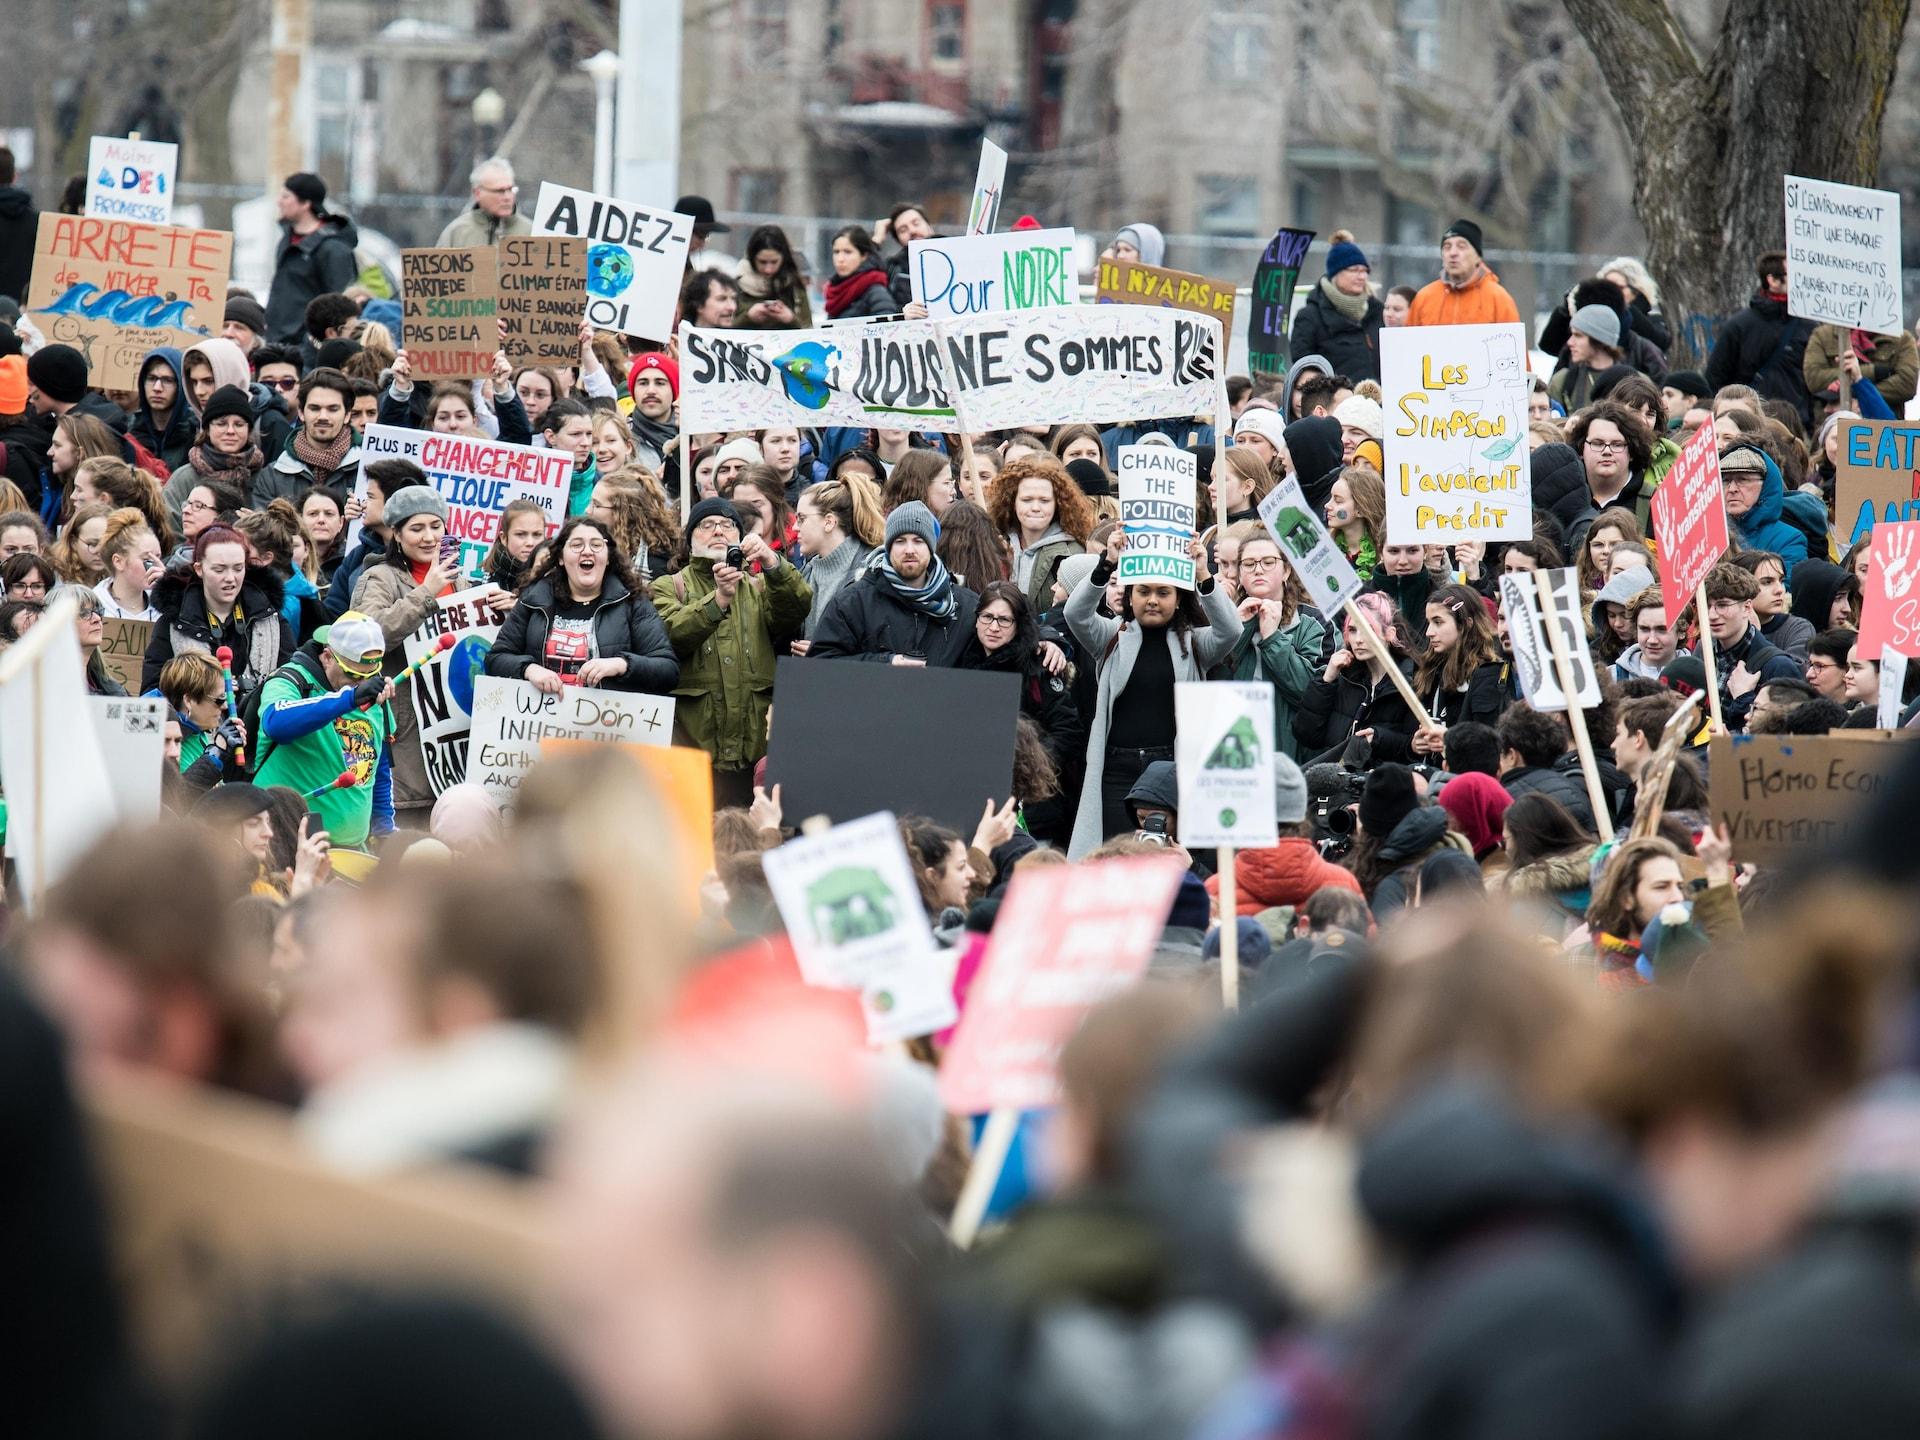 Les étudiants ont marché par dizaines de milliers dans les rues de Montréal.